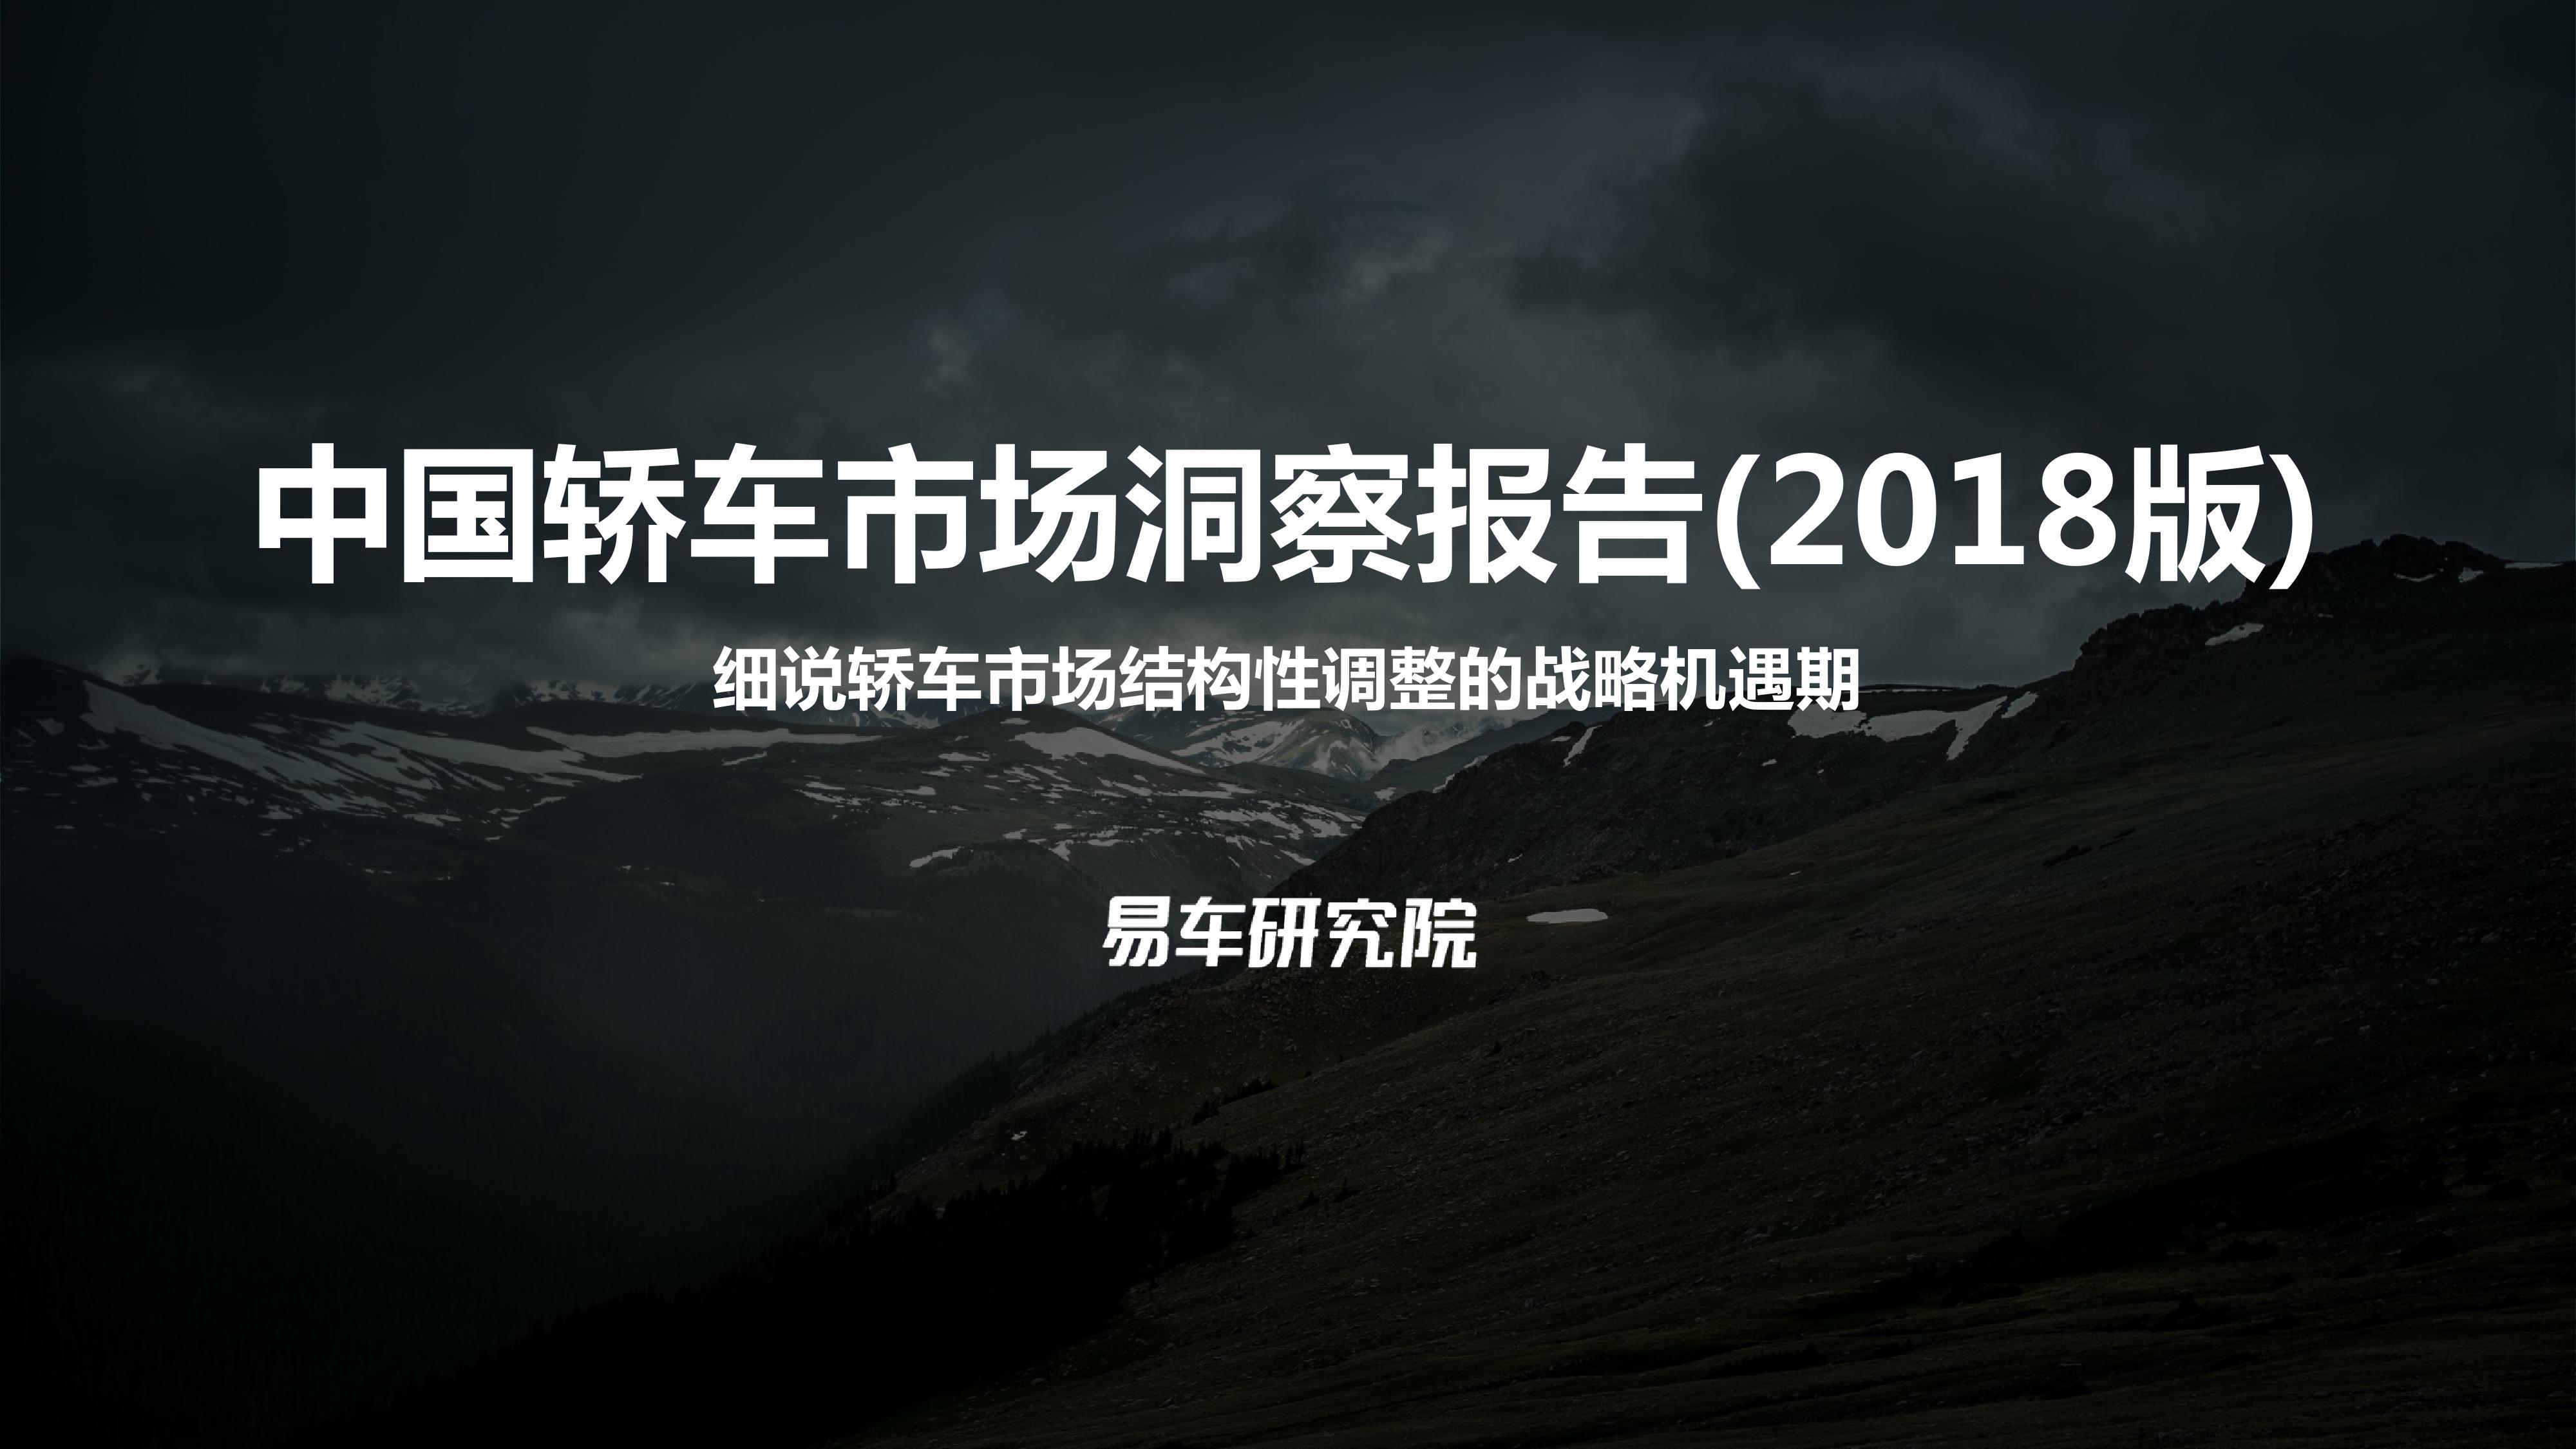 易车研究院:2018中国轿车市场洞察报告(附下载)